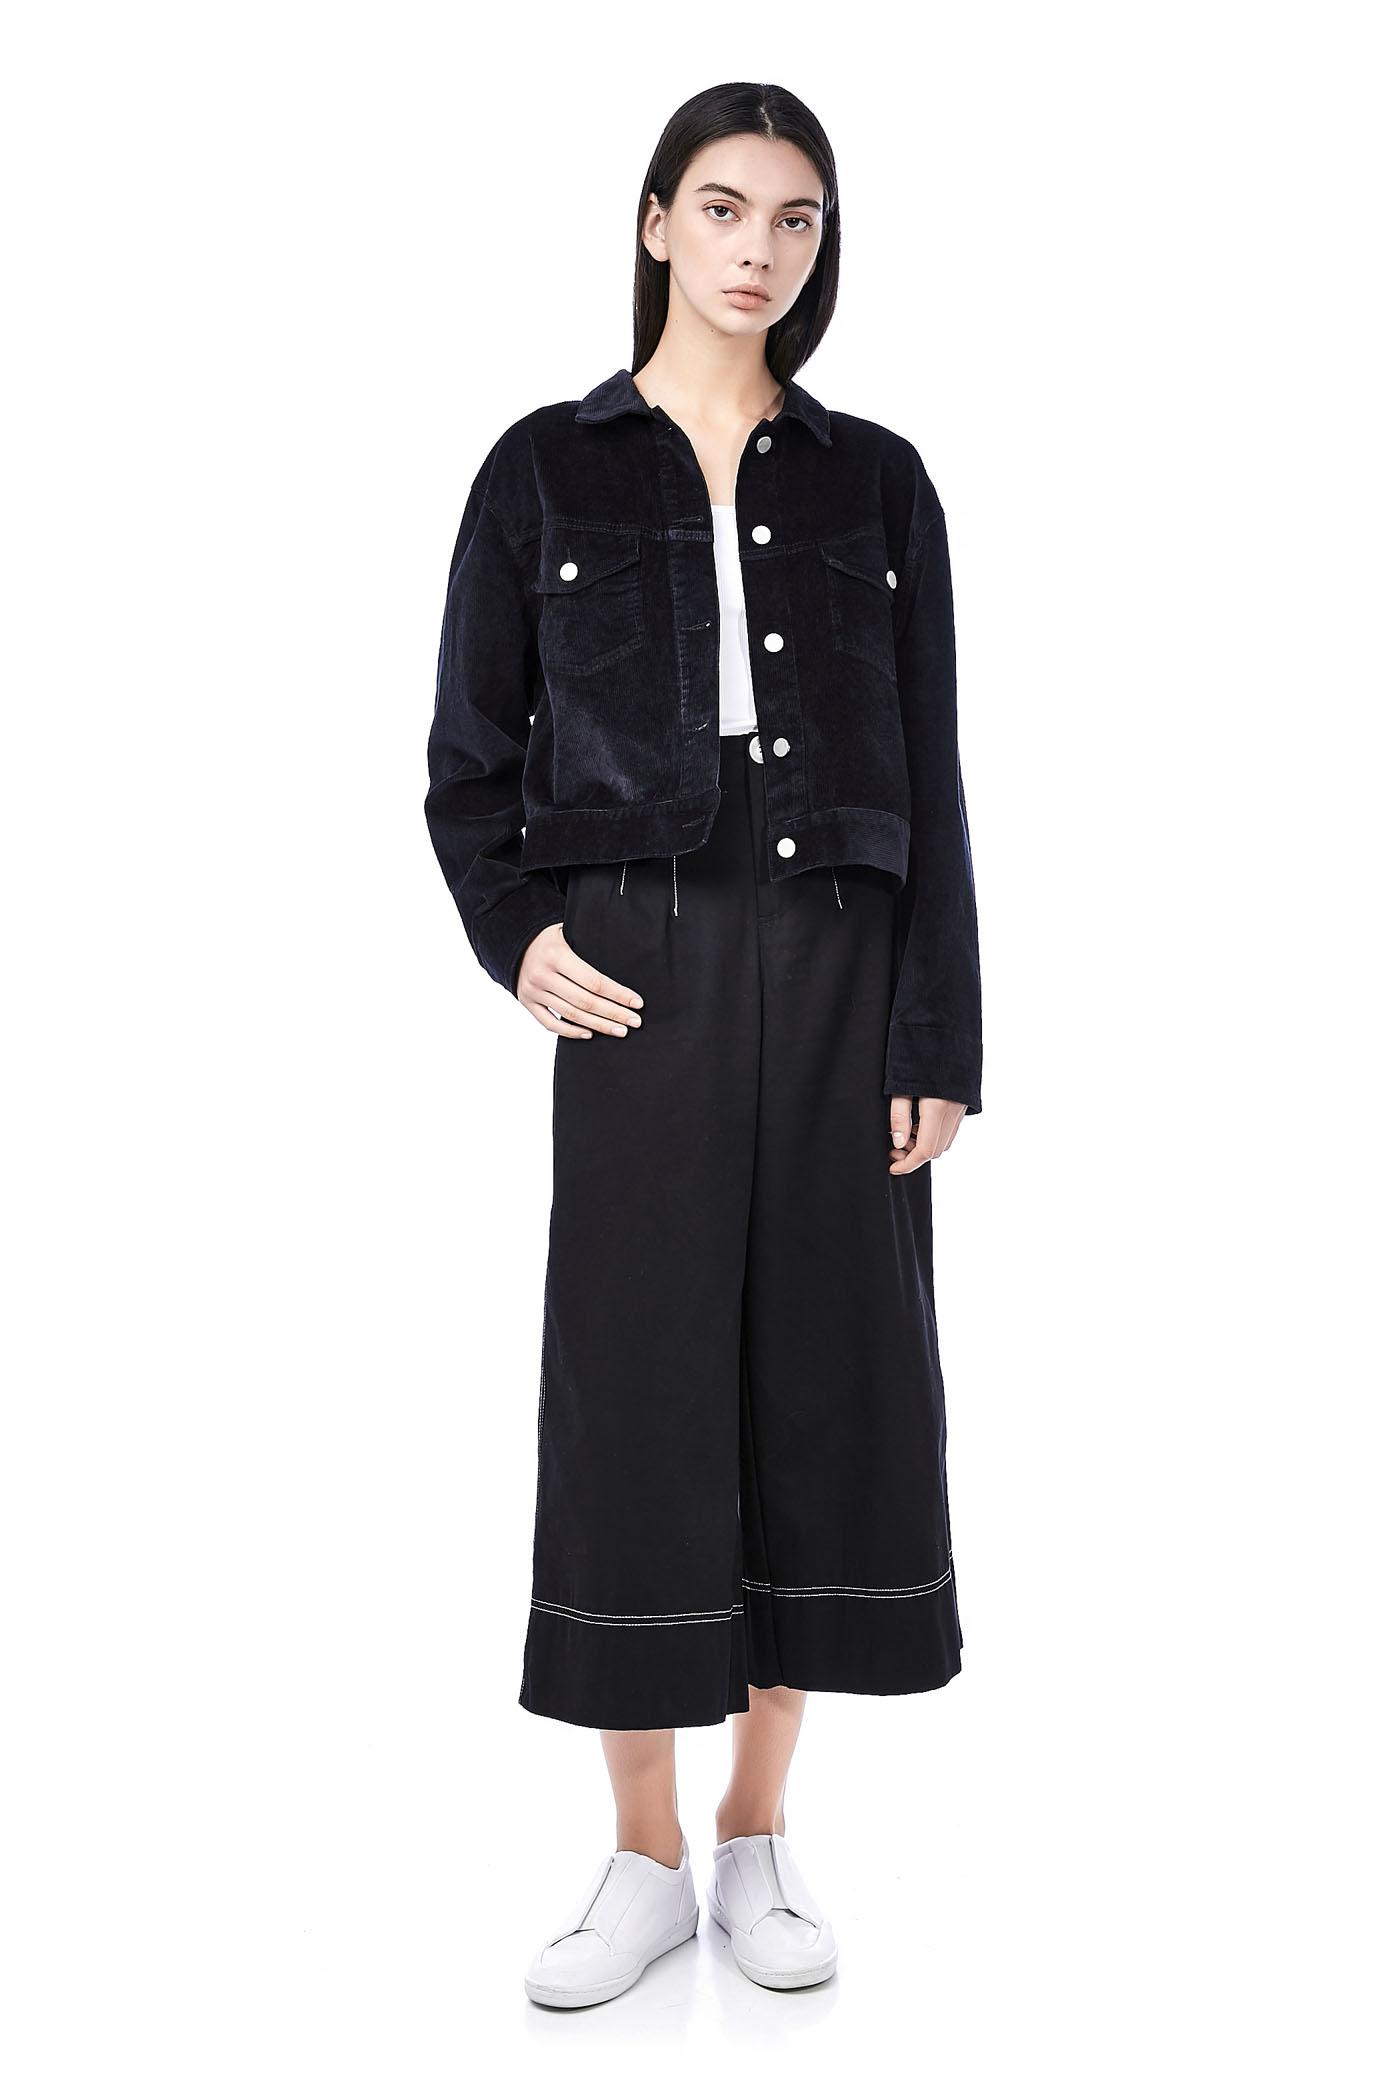 Leska Corduroy Jacket